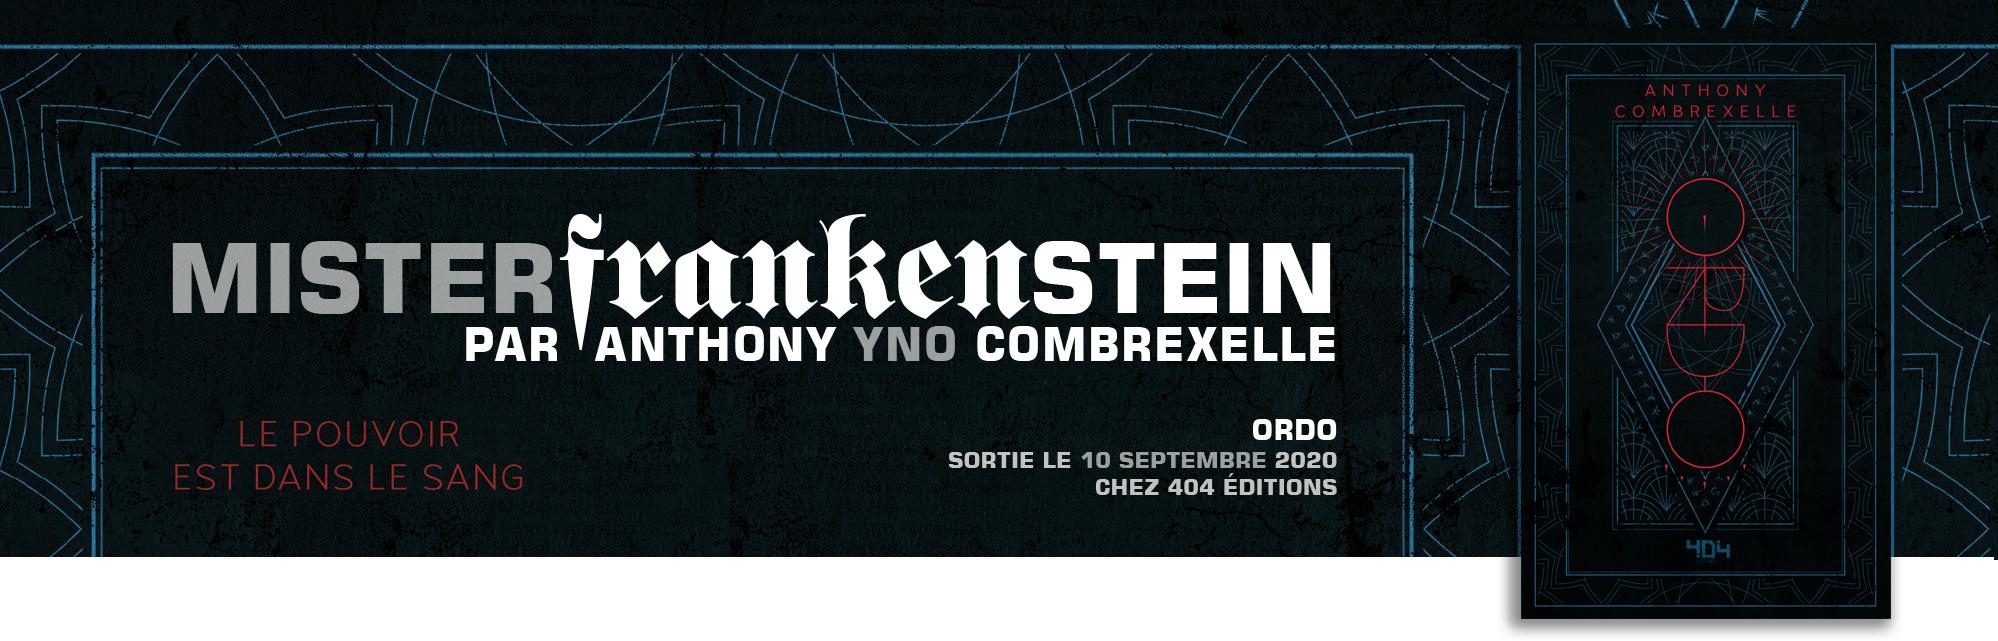 Mister Frankenstein